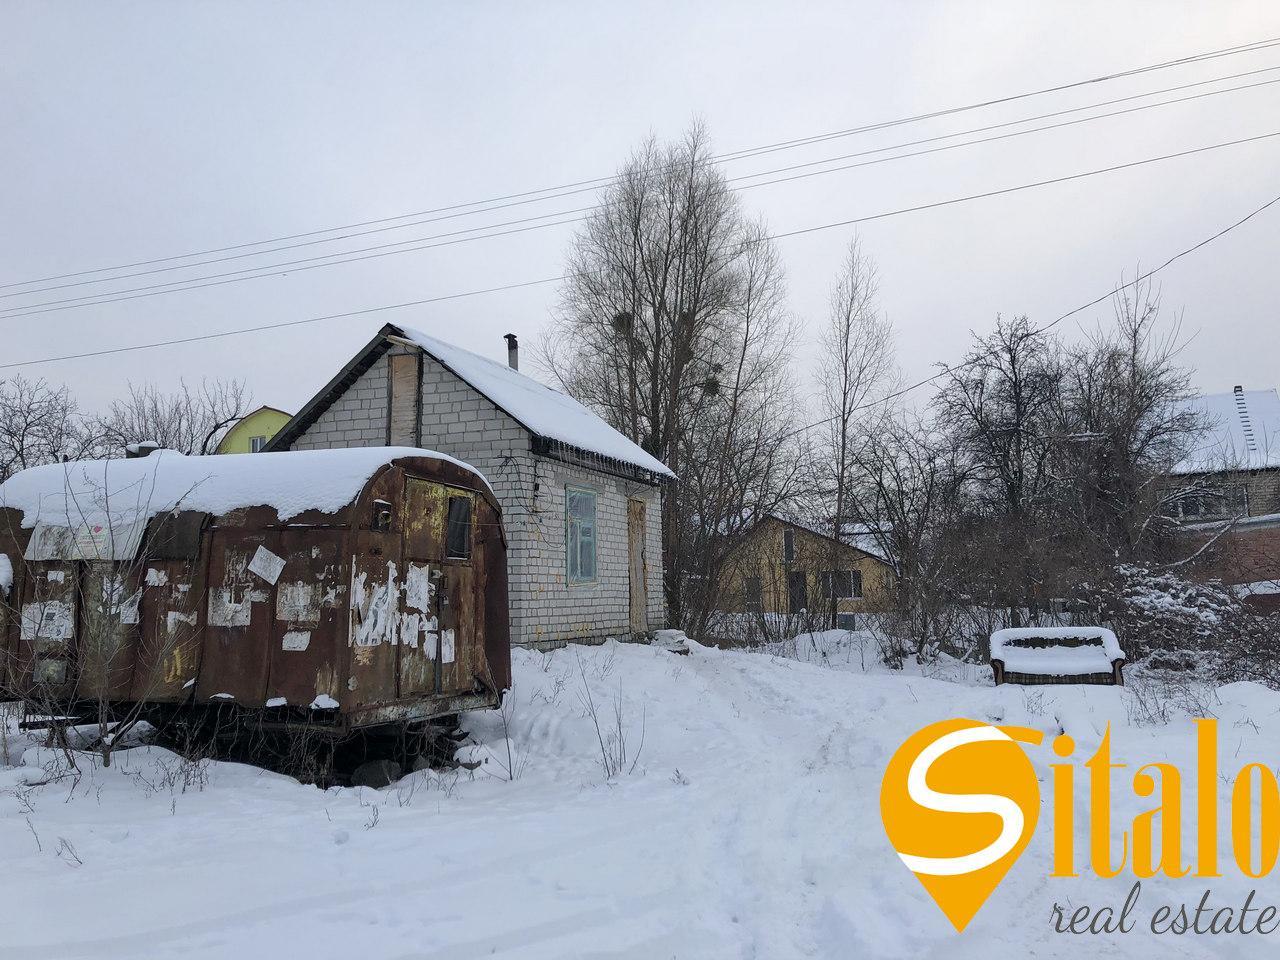 Продажа земельных участков в Киеве СТ 'Зеленый луг 2' ул.